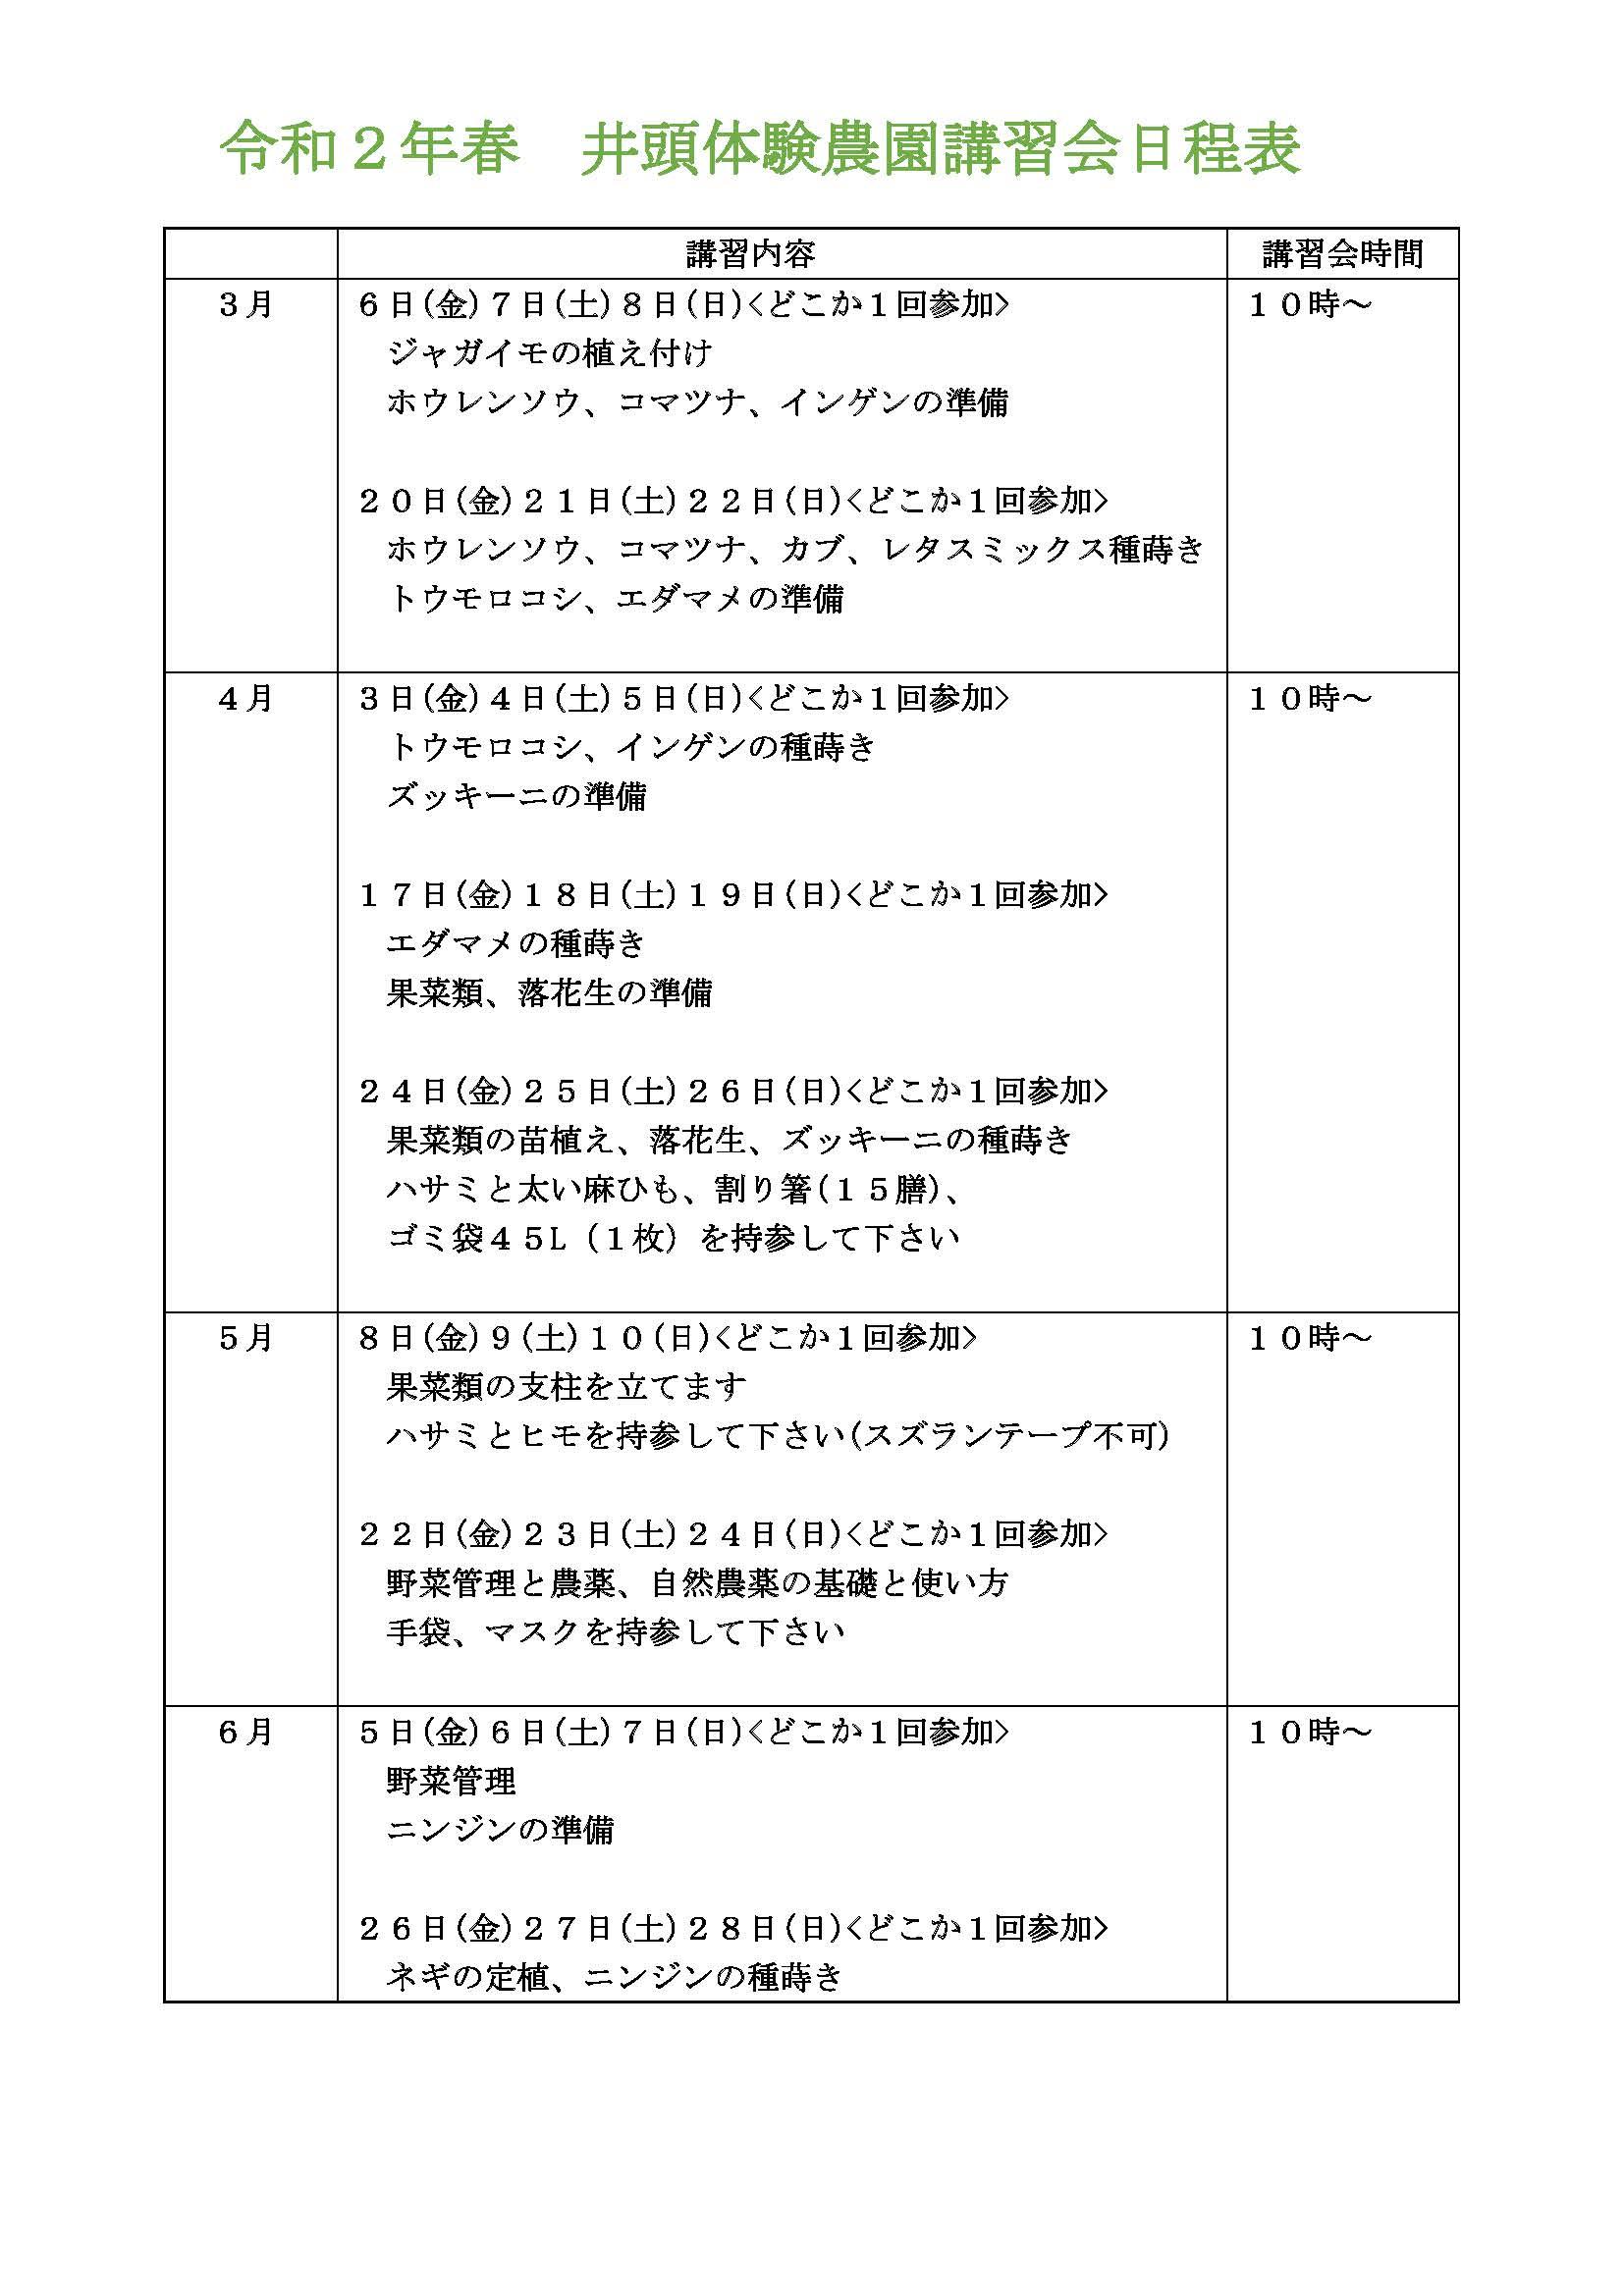 2020spring_koushuukai